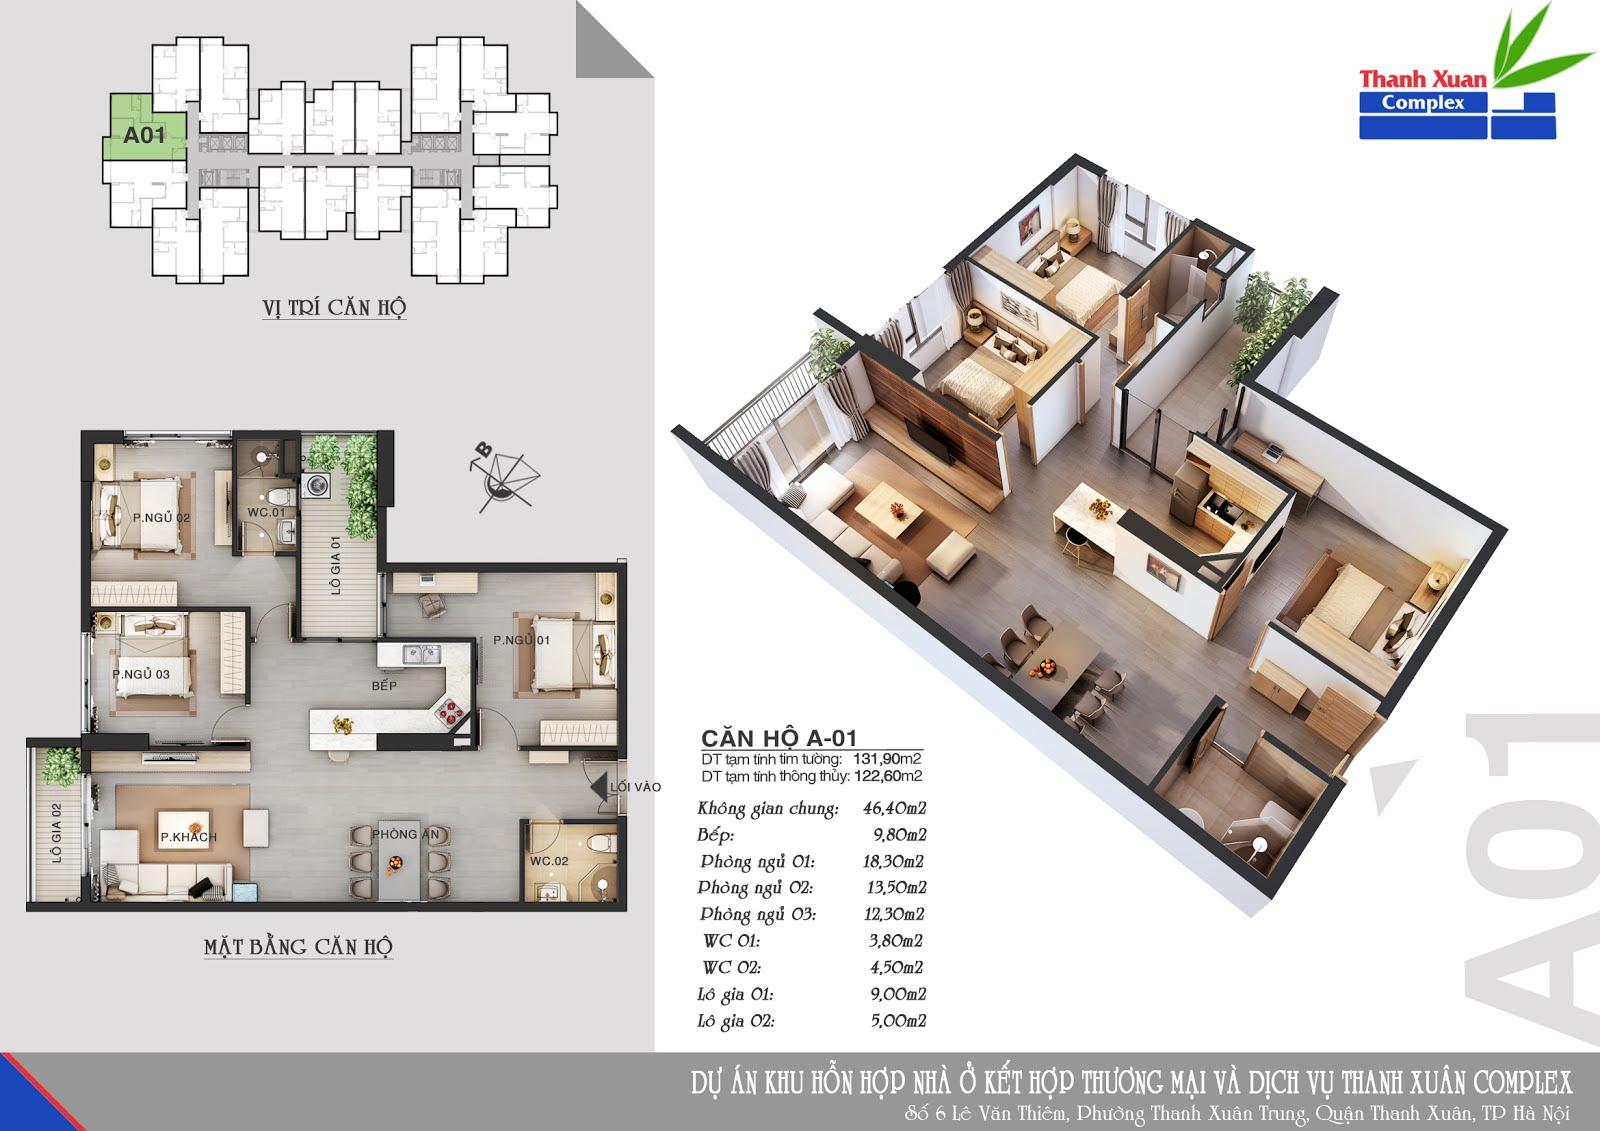 Căn hộ A01 Chung cư Hapulico 24t3 (Thanh Xuân Complex) diện tích tim tường 131,90m2 diện tích thông thuỷ 122,60m2, thiết kế 3 phòng ngủ 2 vệ sinh, ban công Tây Bắc và Đông Bắc, cửa vào Đông Nam.